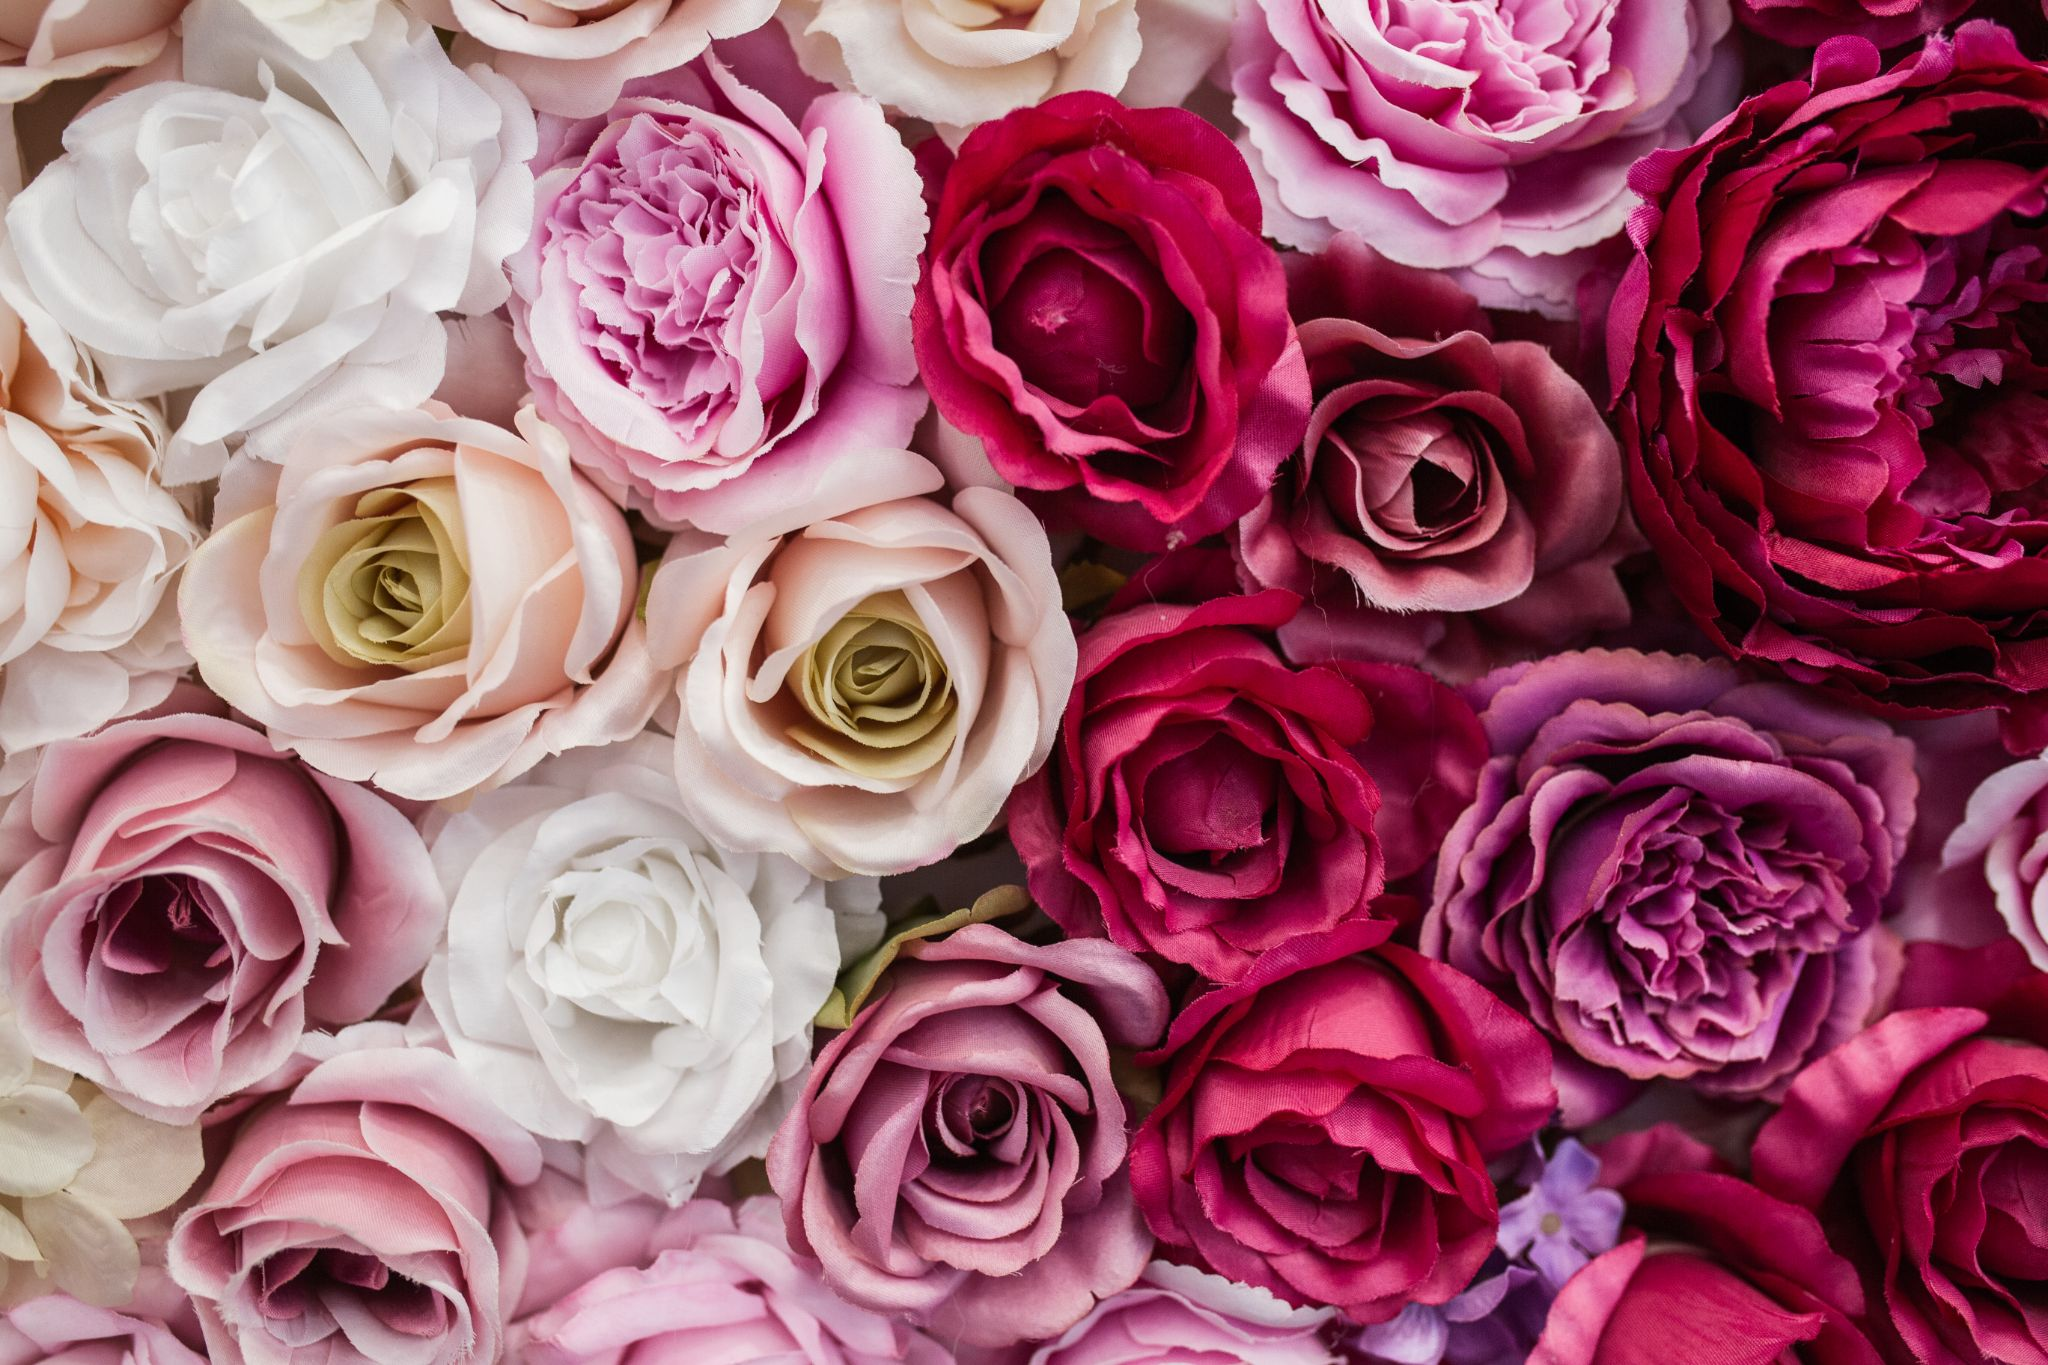 Une photo illustrative de plusieurs espèces de roses.